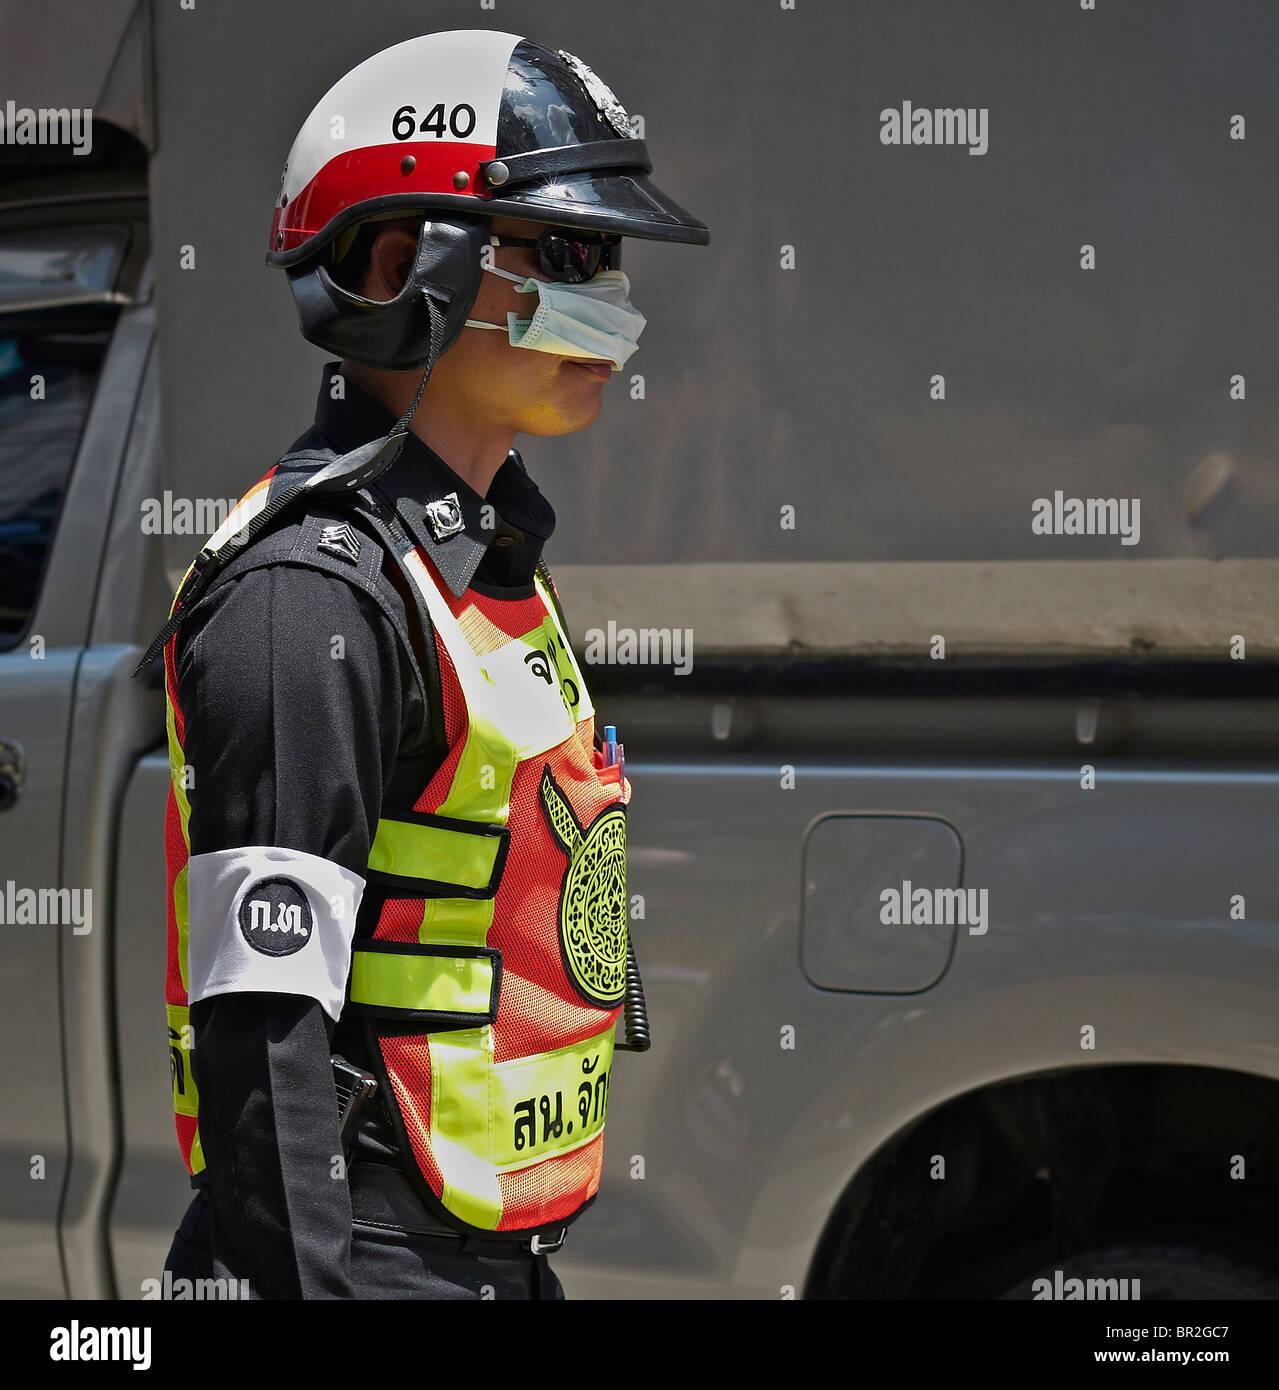 Thailändische Polizisten tragen eine Anti-Verschmutzung Maske in Bangkoks hohe Verschmutzung des Verkehrsflusses. Stockbild